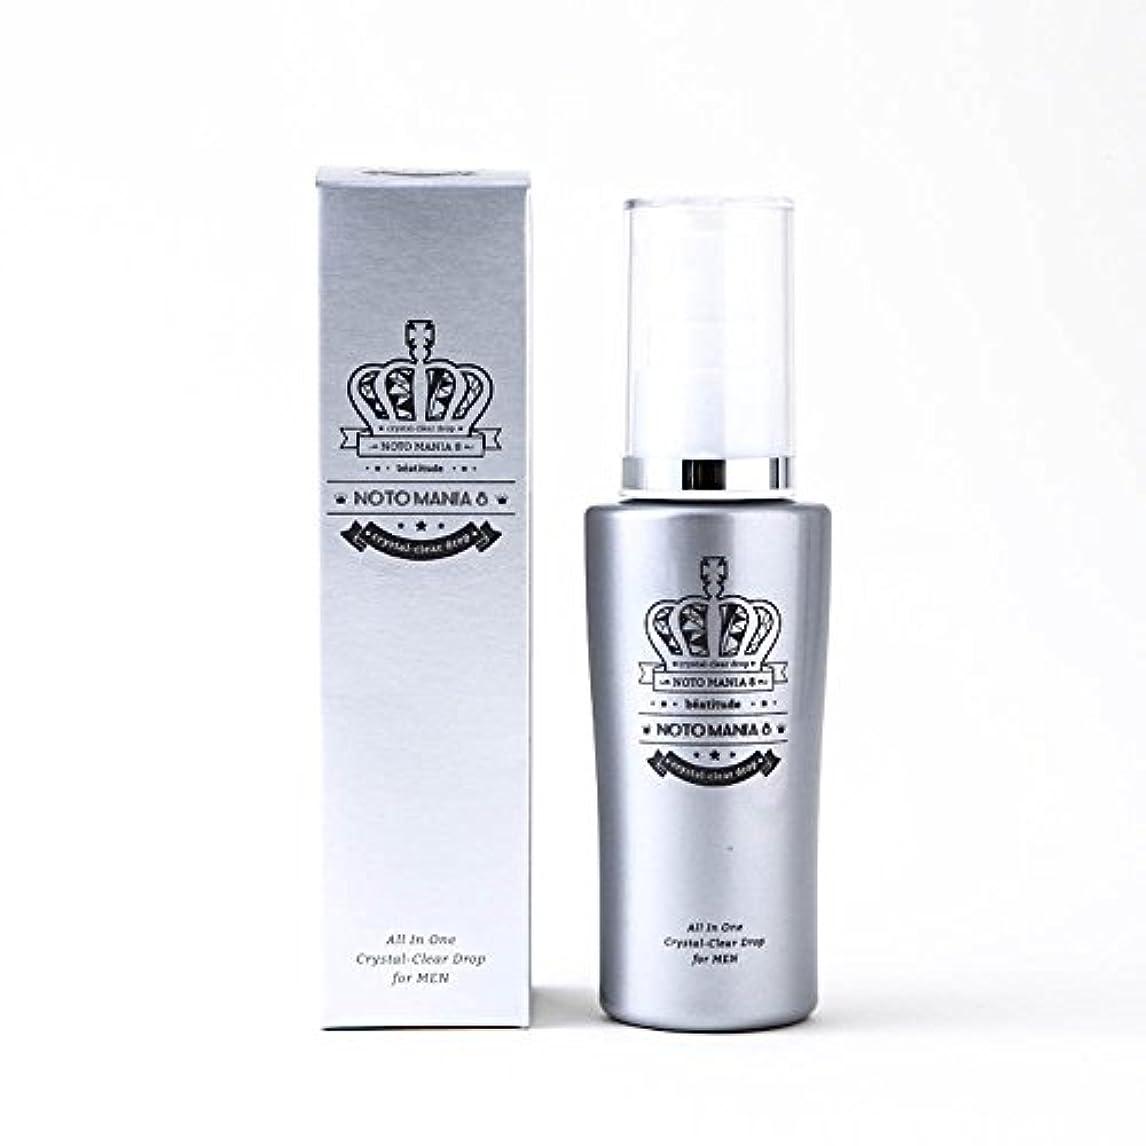 わなつかいますお別れノトマニア8 ( NOTOMANIA8 メンズ オールインワン 濃密保湿美容液 )& 男性用 スキンケア 化粧水